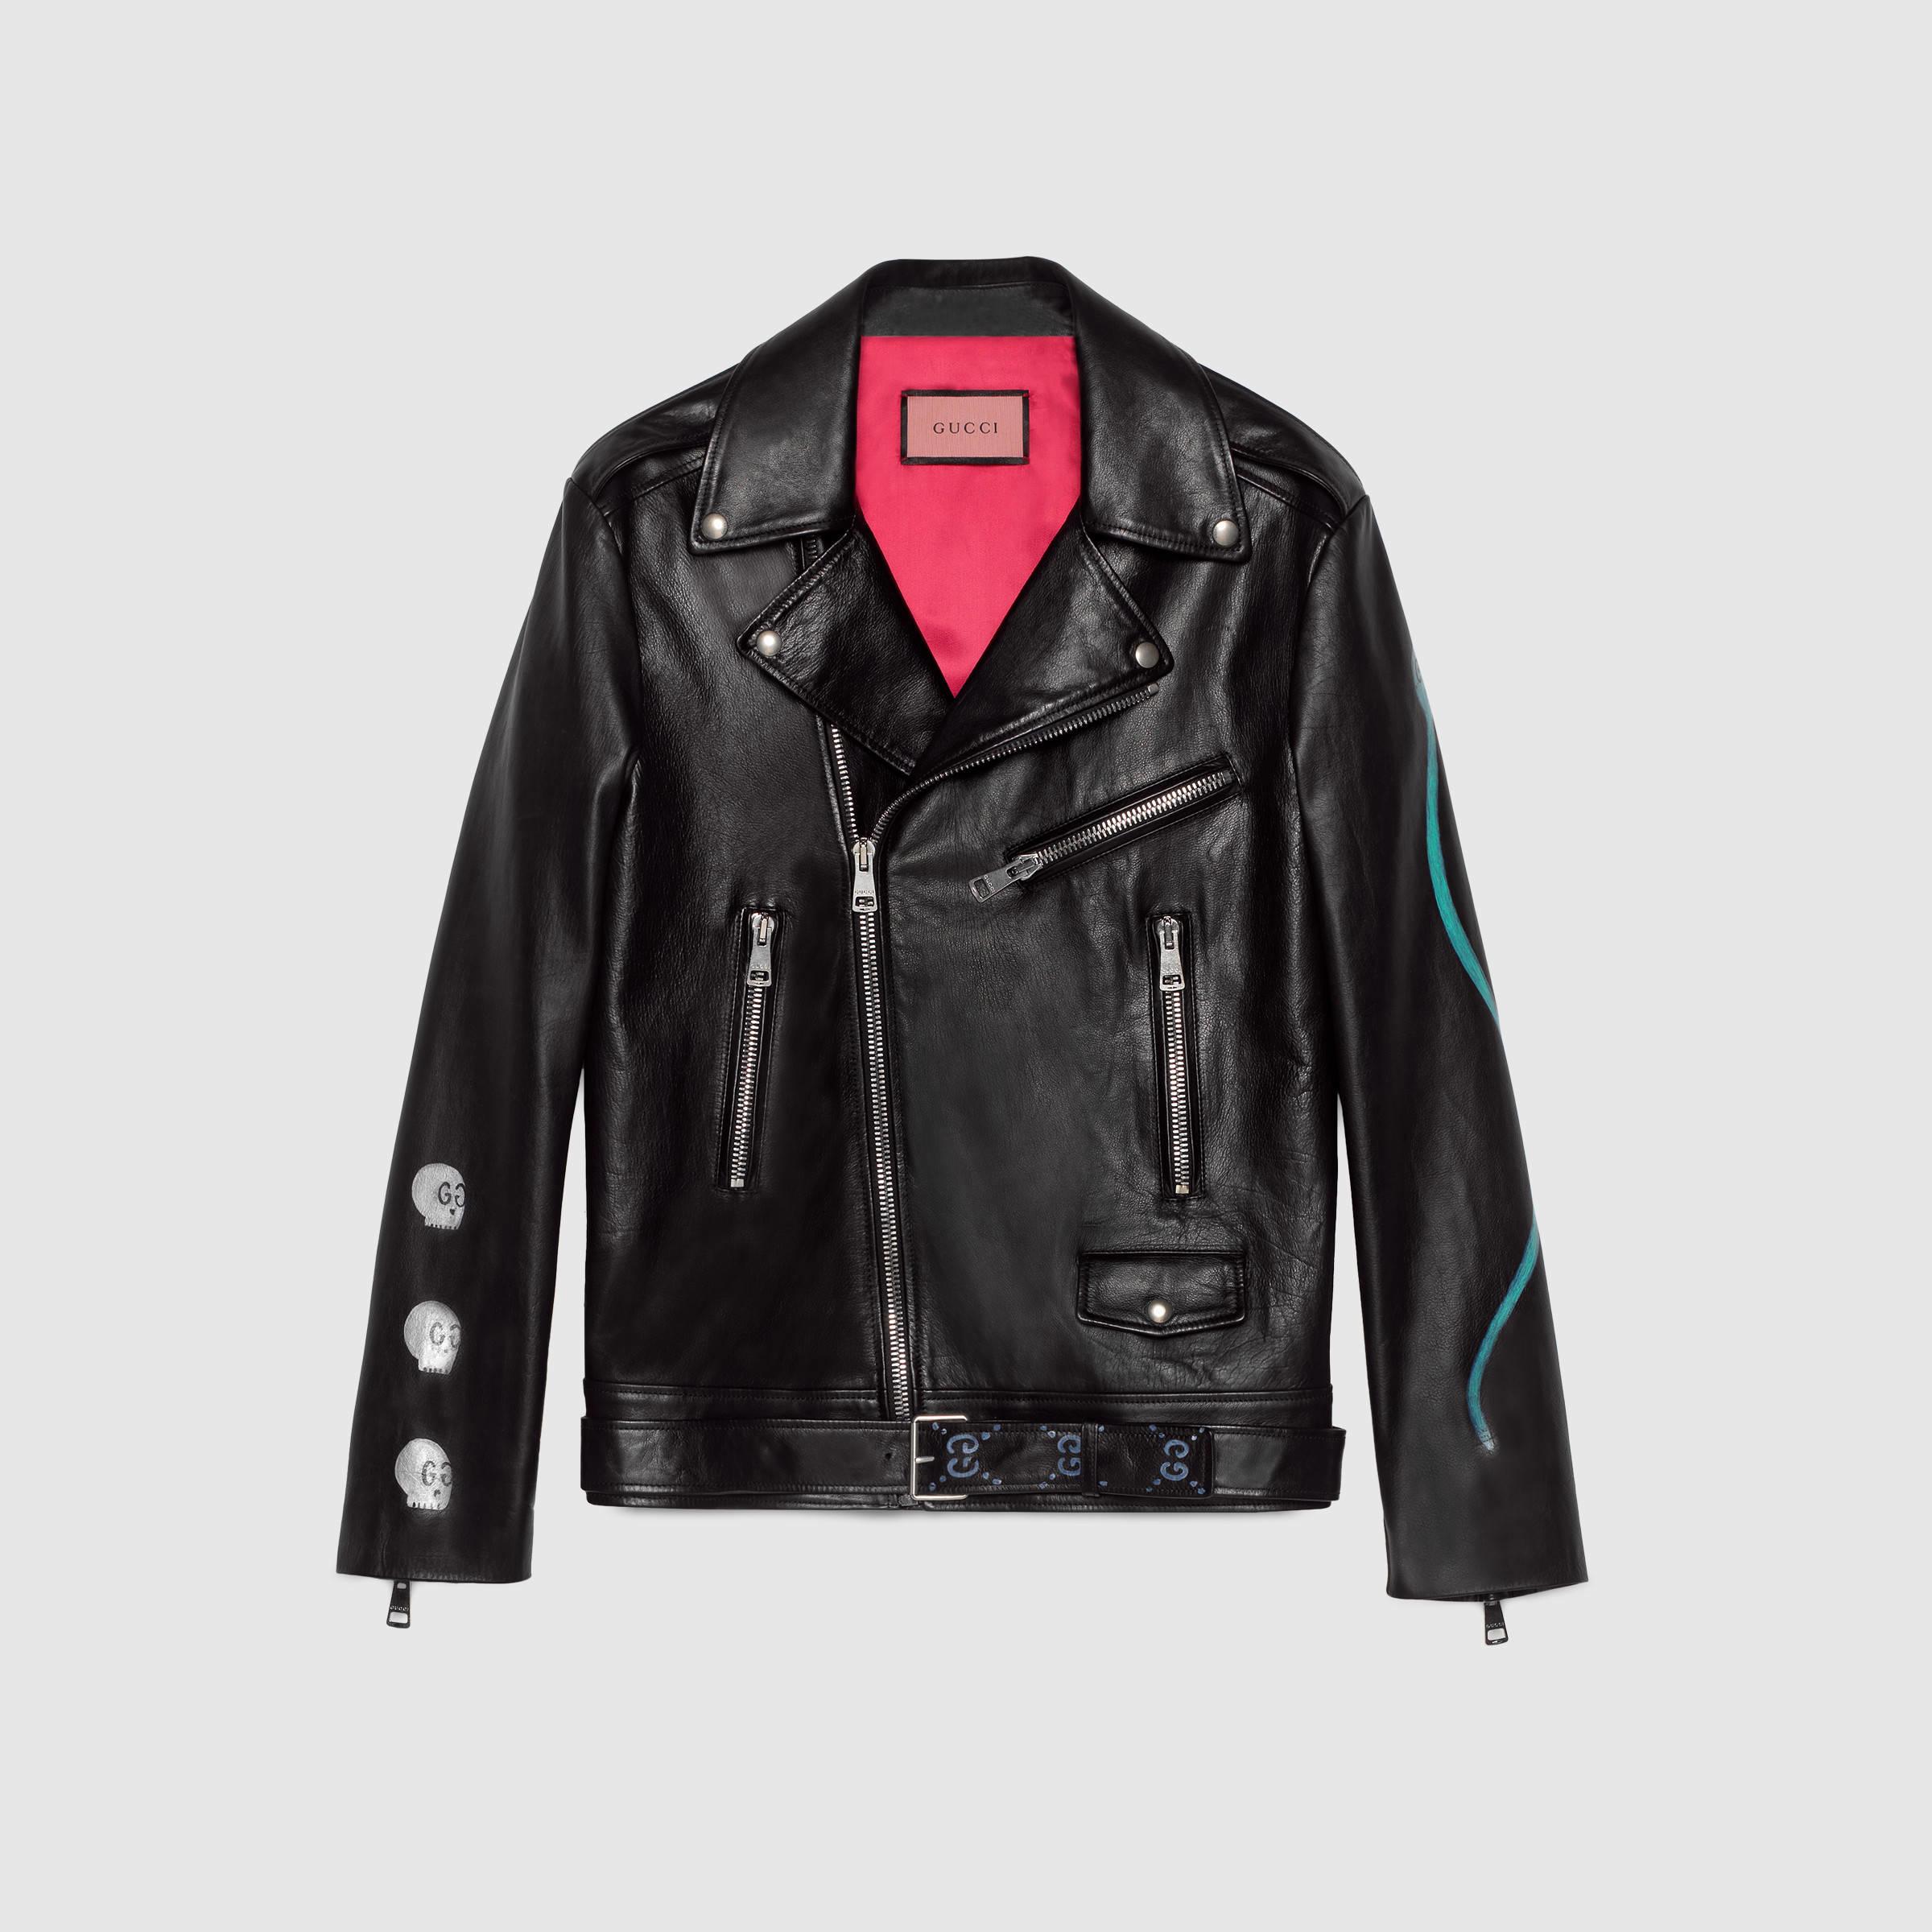 6de82563d Gucci Ghost Biker Jacket in Black - Lyst